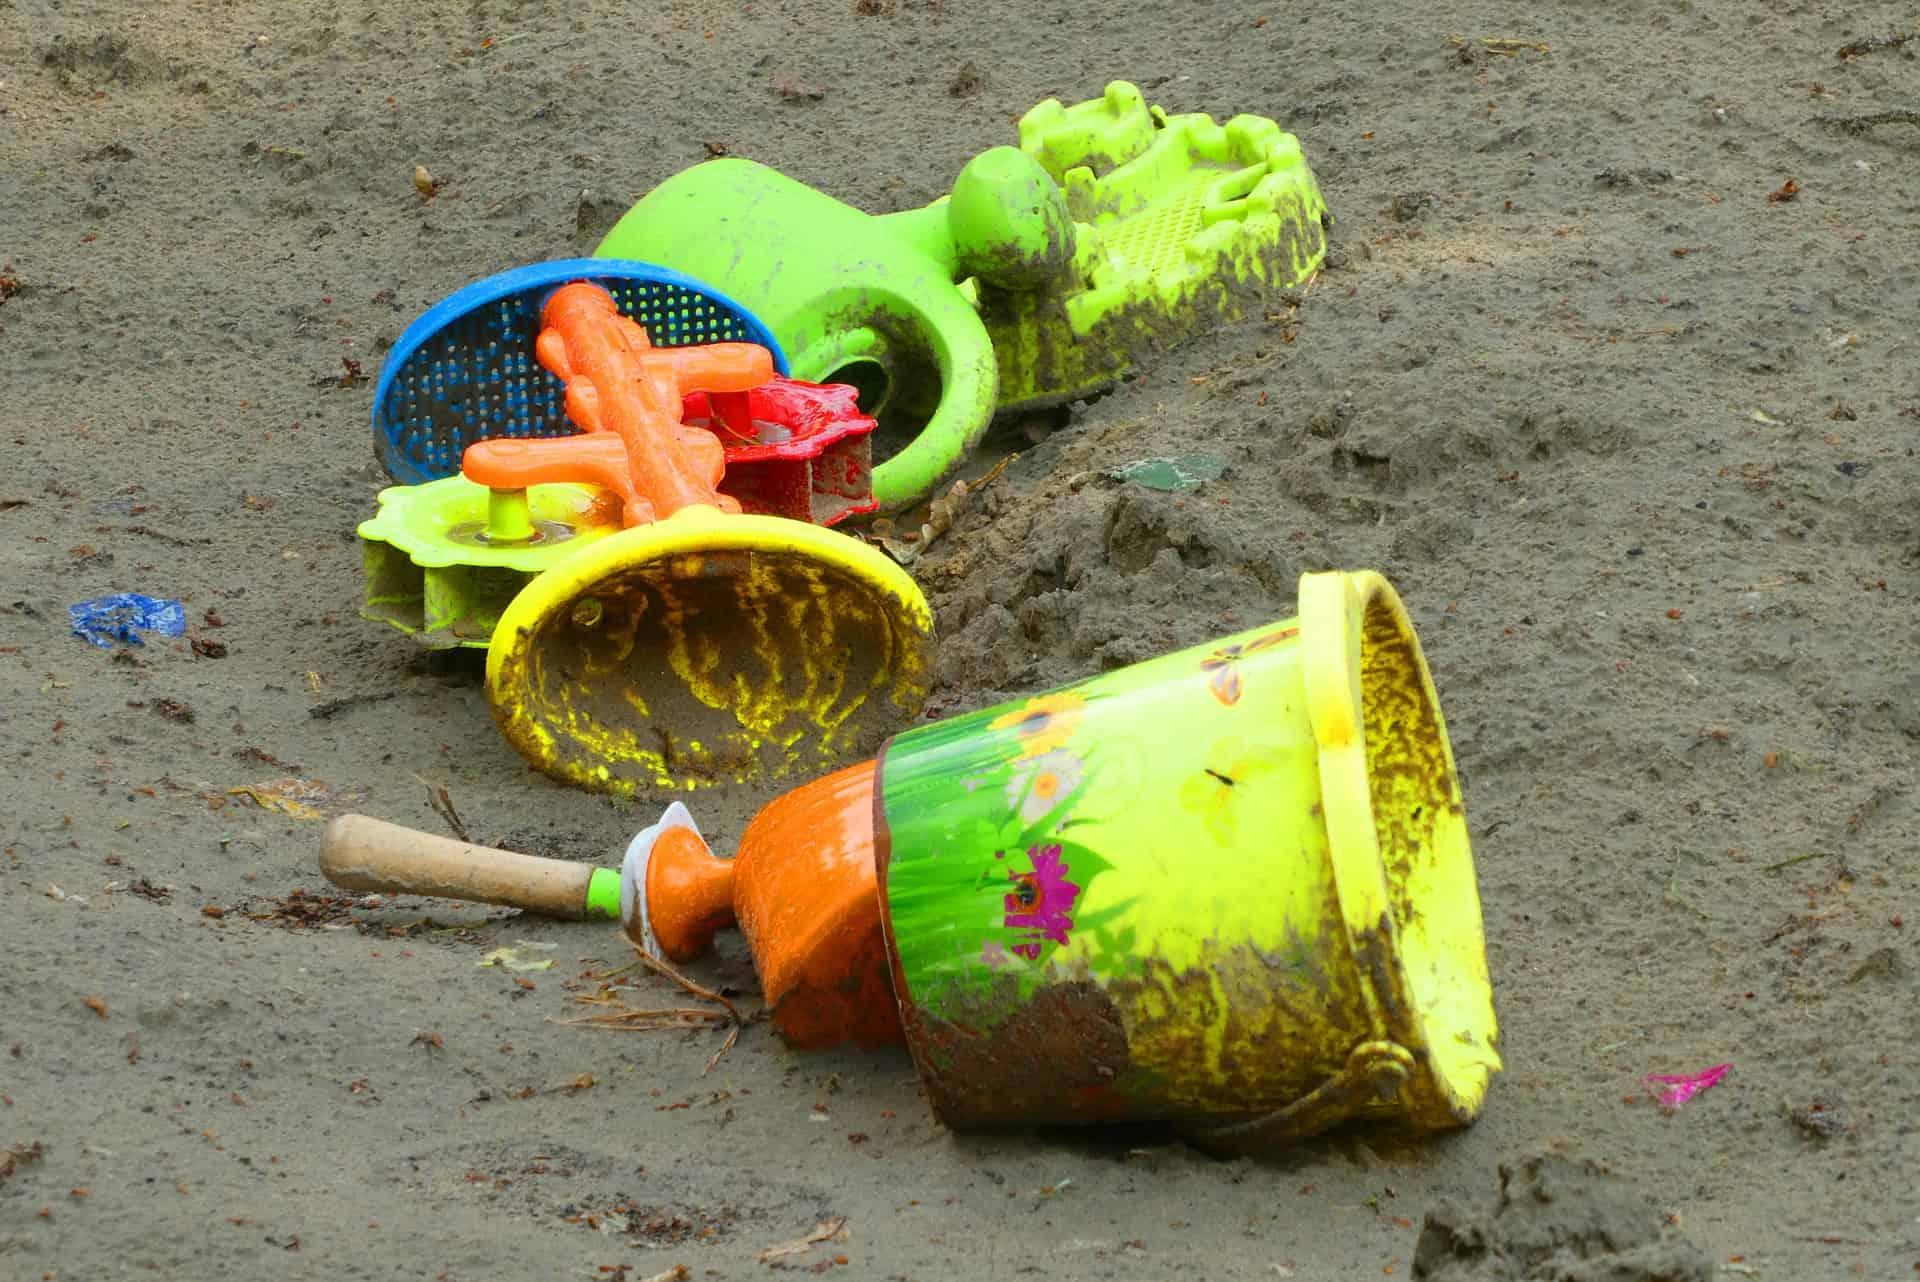 Sandspielzeug: Test & Empfehlungen (03/20)